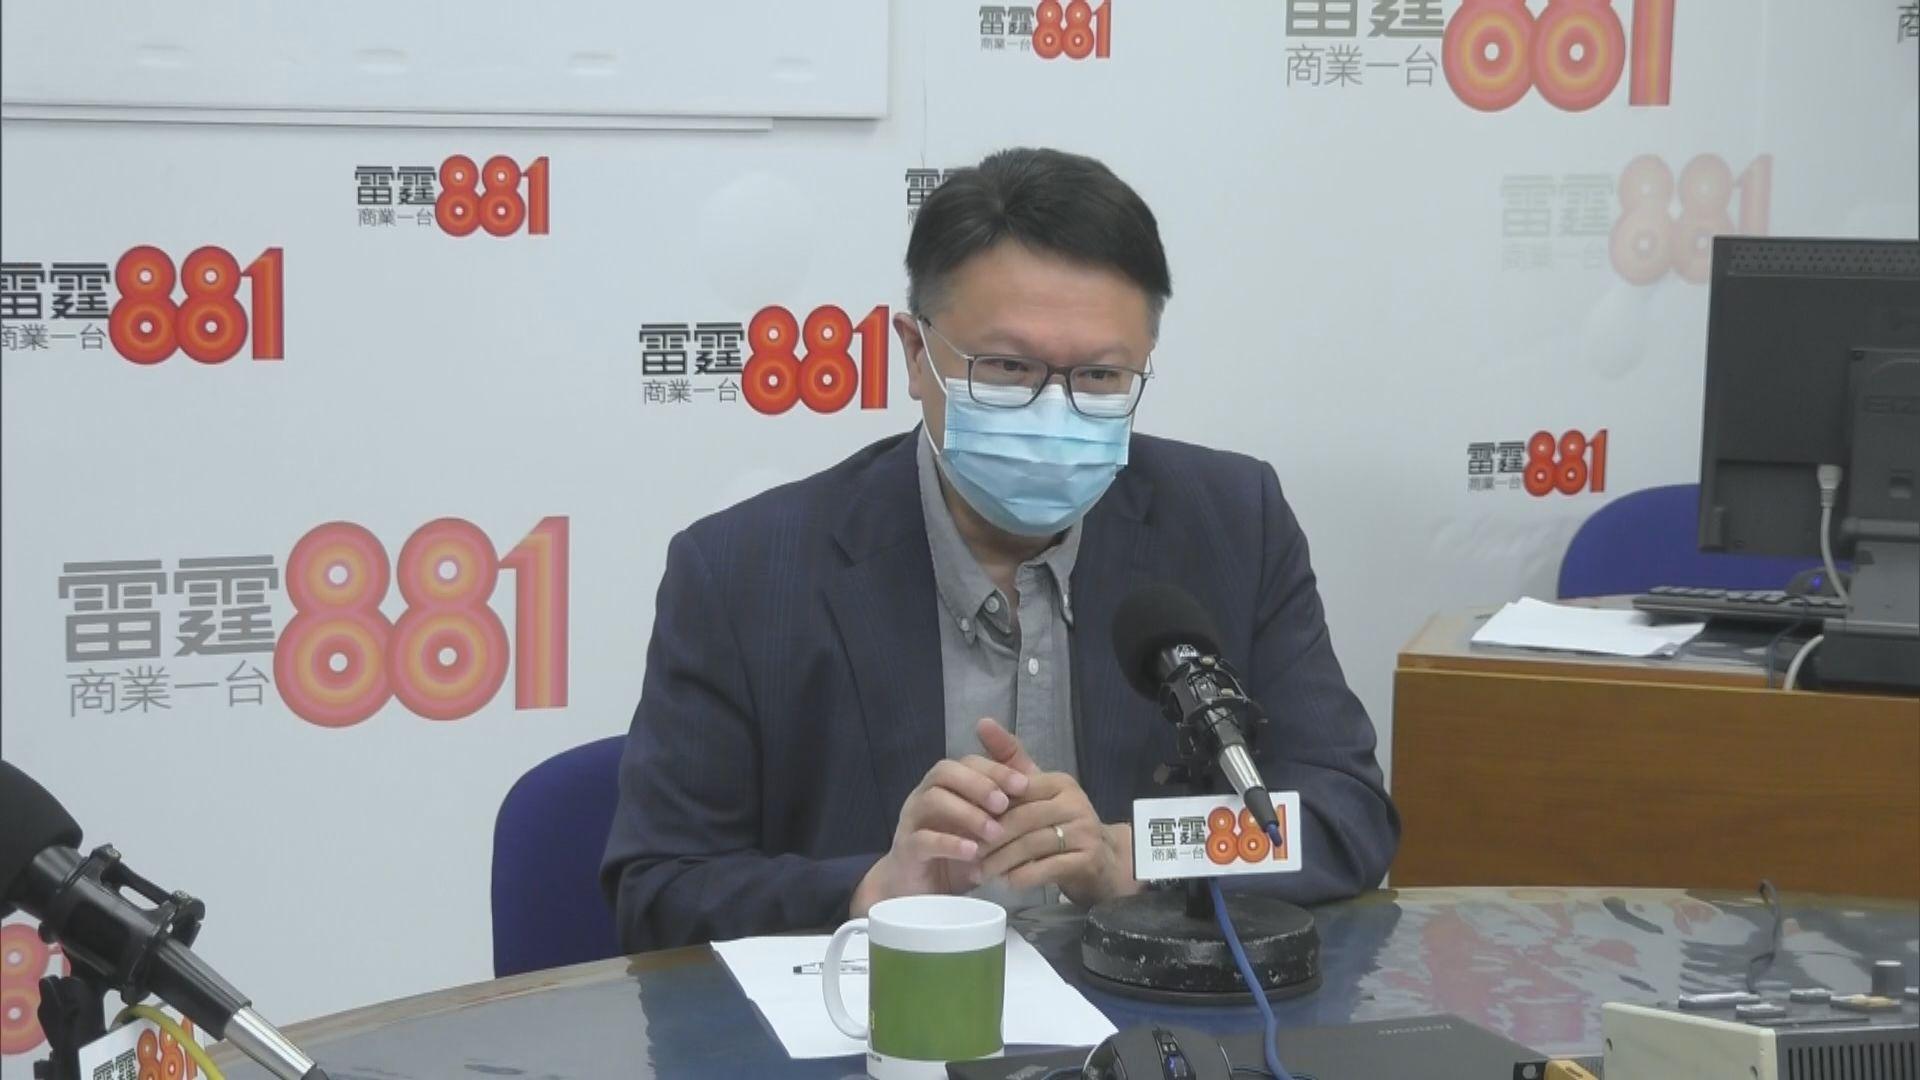 許樹昌:若有一些比例外地到港人士確診應考慮暫時封關